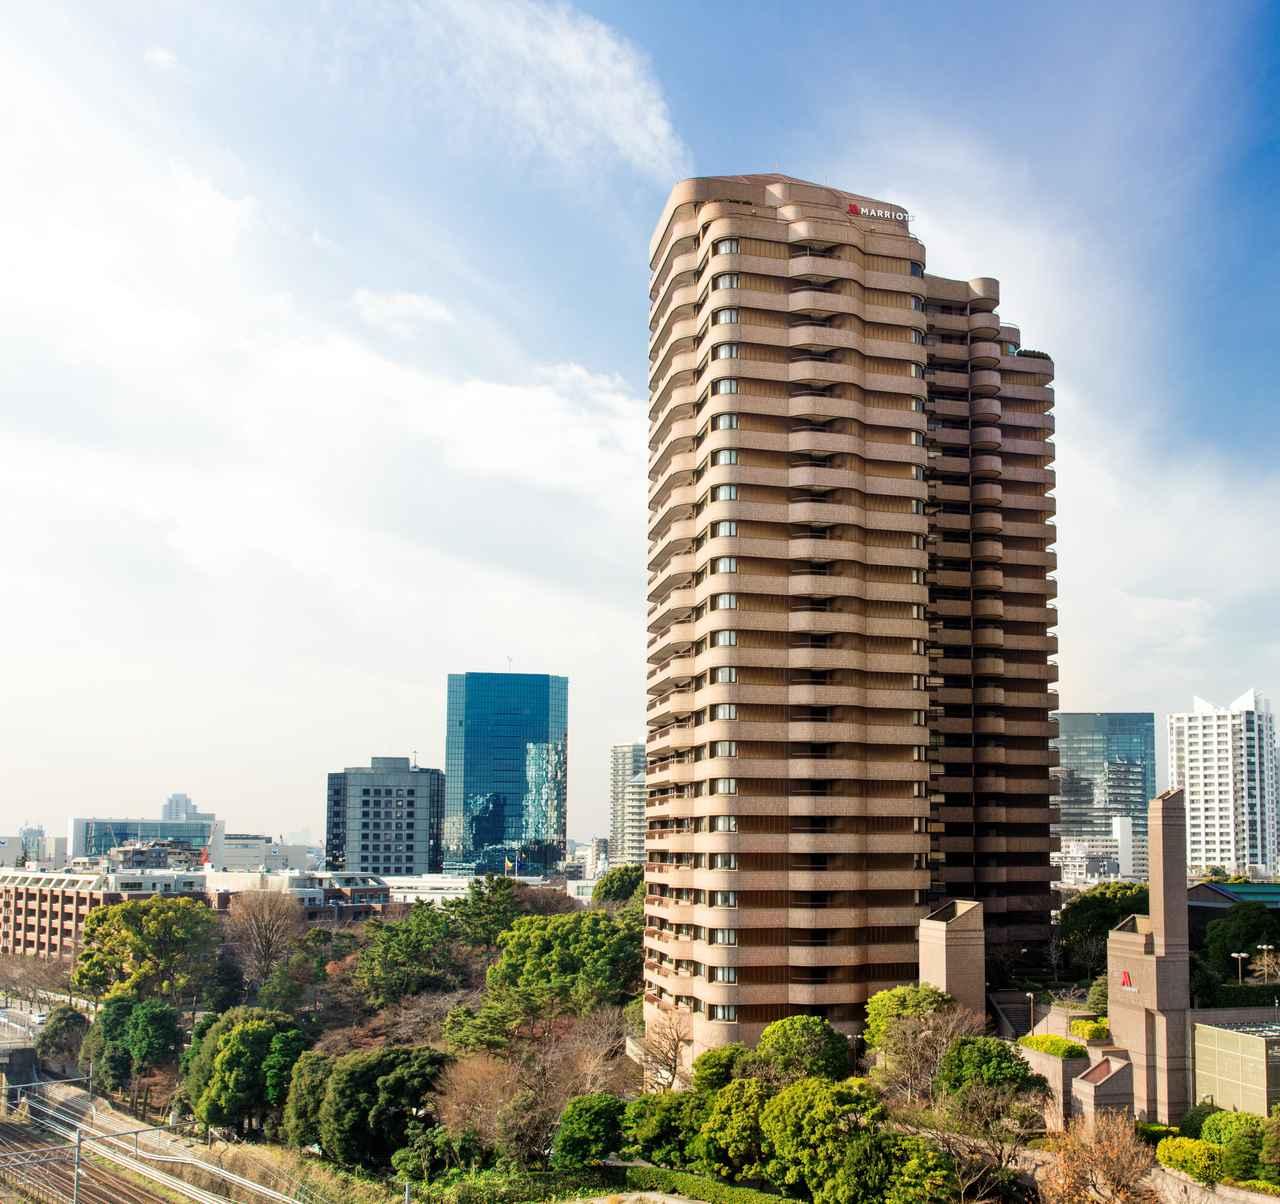 画像2: 旅先での疲れを癒してくれるアロマに包まれる|東京マリオットホテル